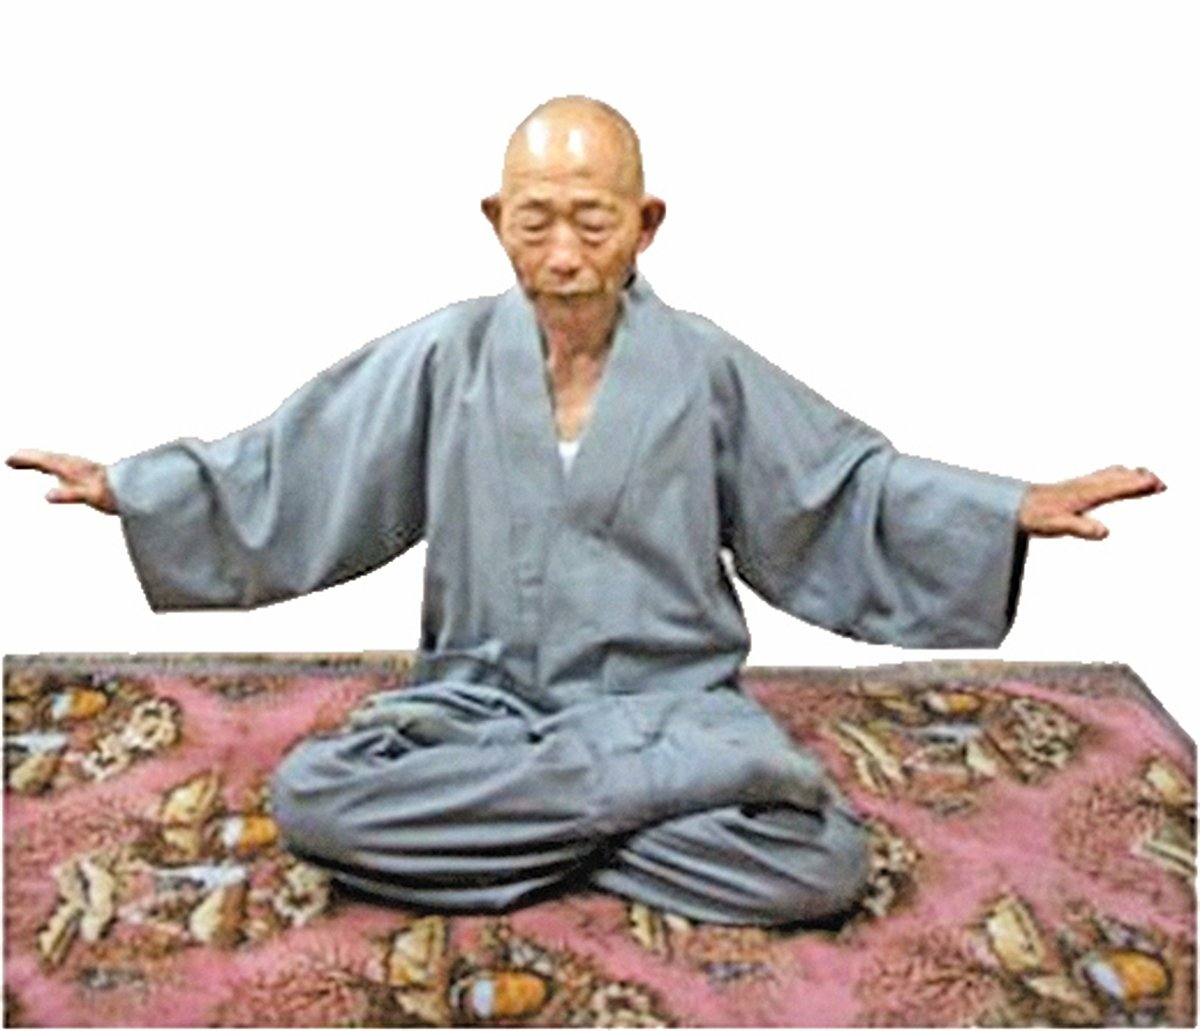 韓國僧人吳永圭正在煉法輪功第五套功法──神通加持法。(明慧網)